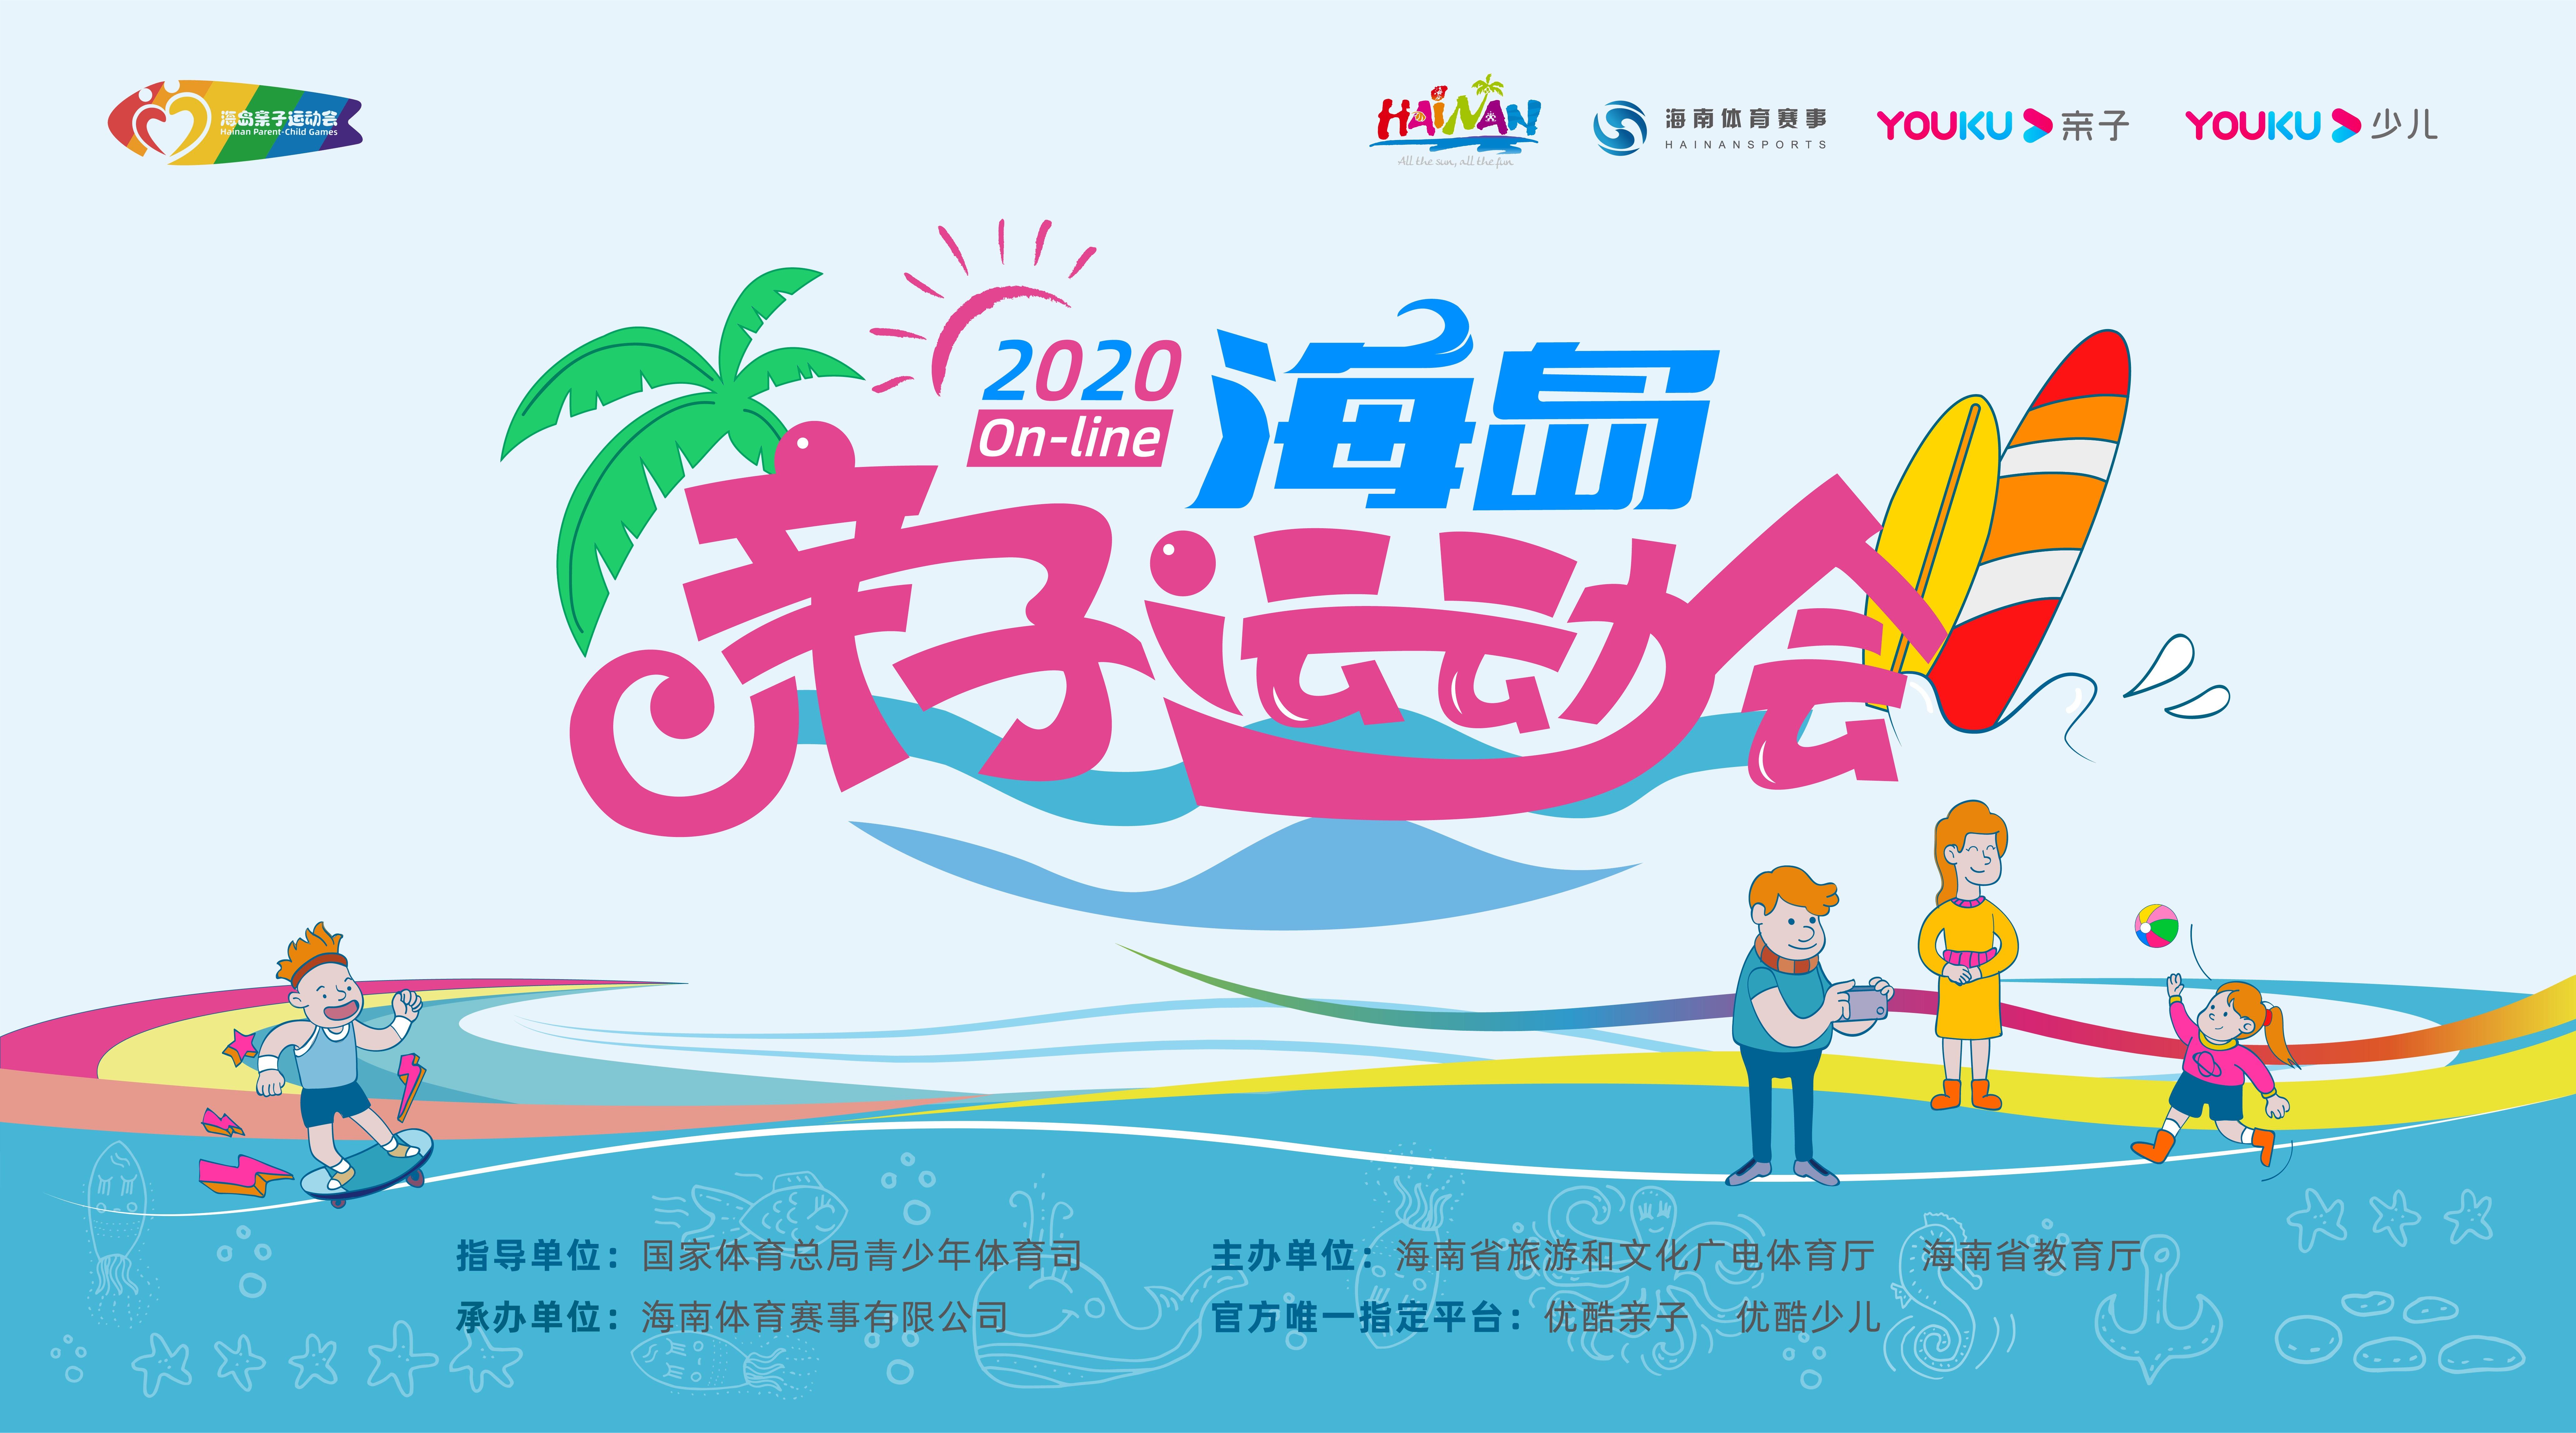 """2020海岛亲子运动会""""云开幕""""!""""神兽""""显身手获w优德88w旅游大礼包全攻略!"""